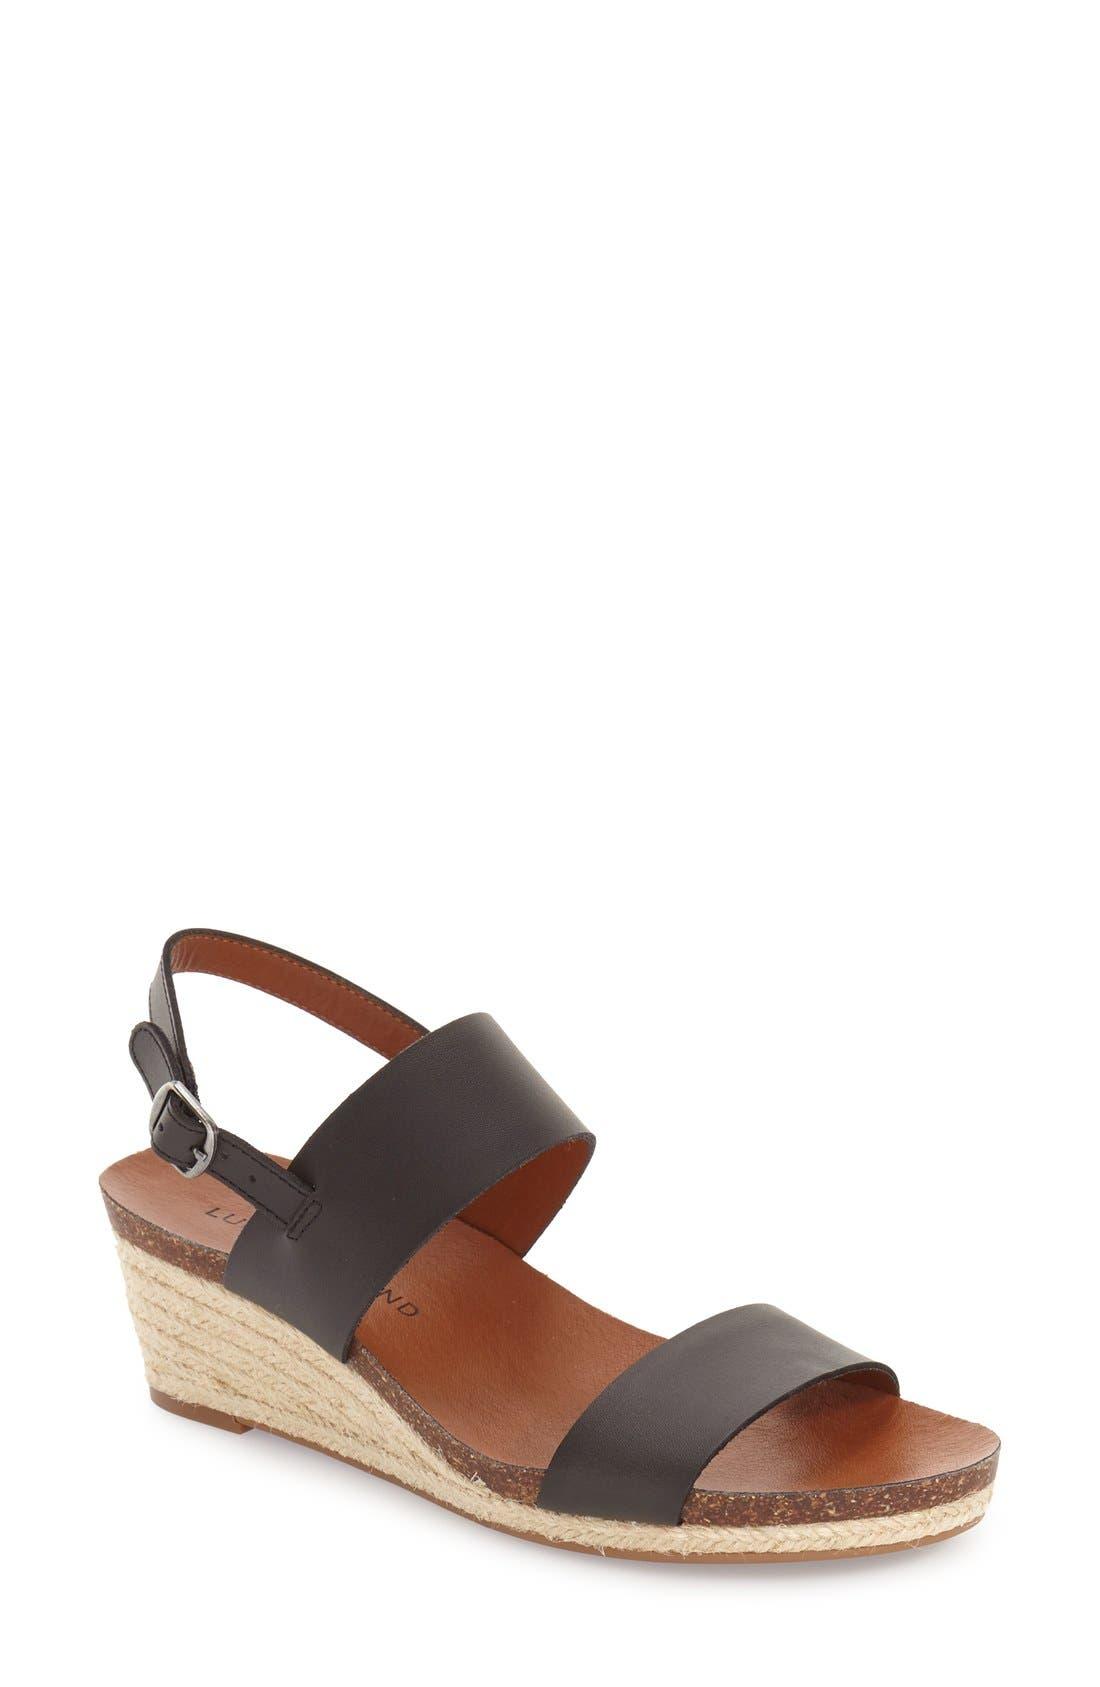 Alternate Image 1 Selected - Lucky Brand 'Jette' Wedge Sandal (Women)